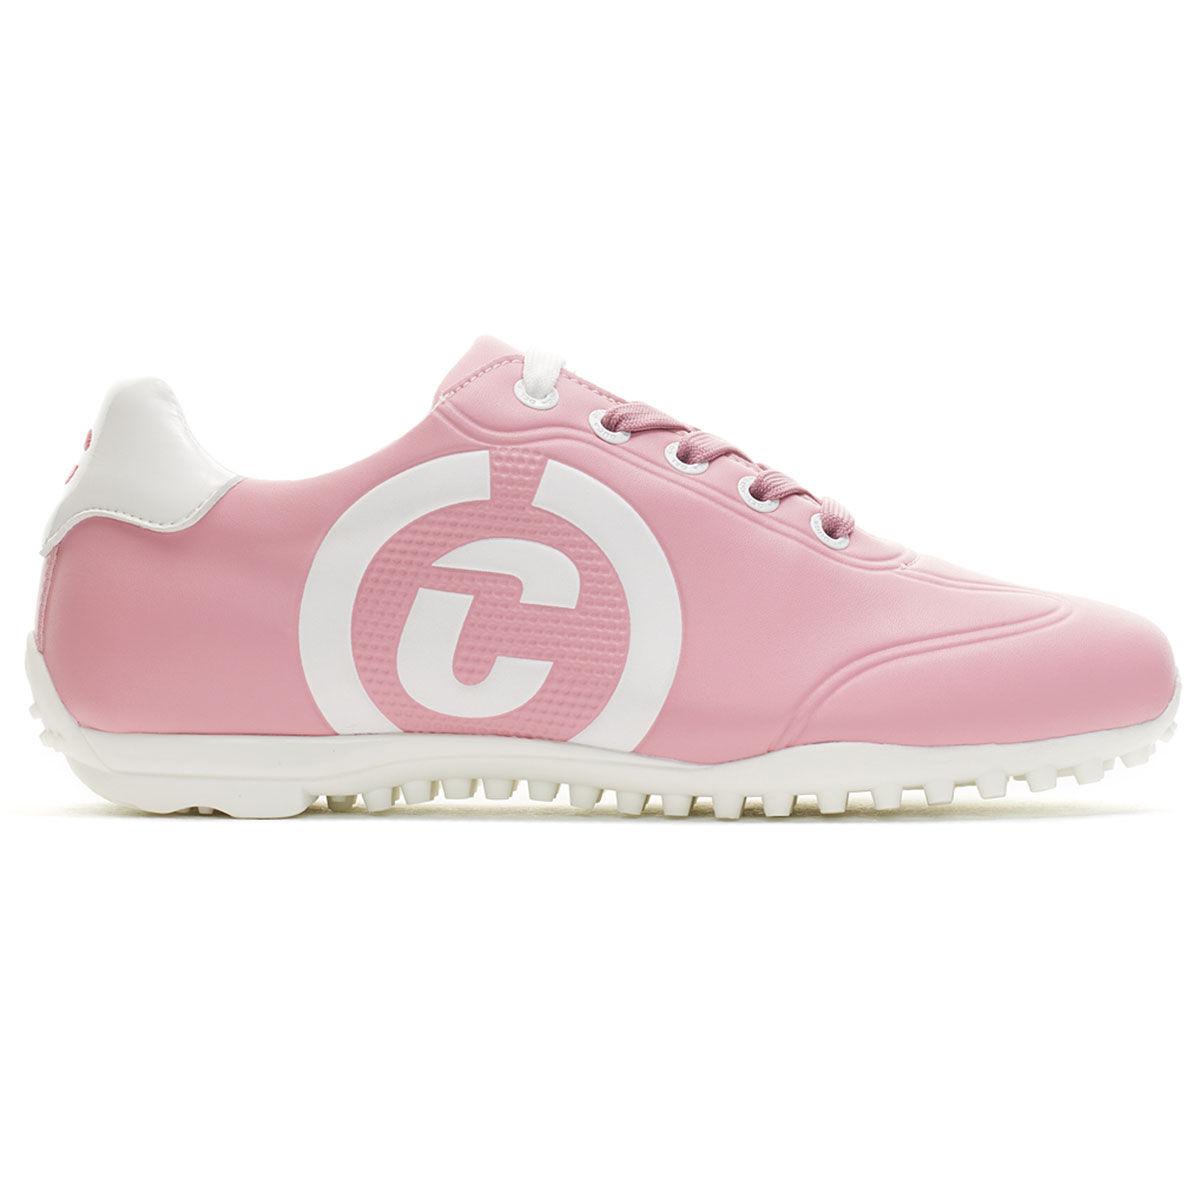 Chaussures Duca Del Cosma Queenscup pour femmes, femme, 7, Rose  | Online Golf